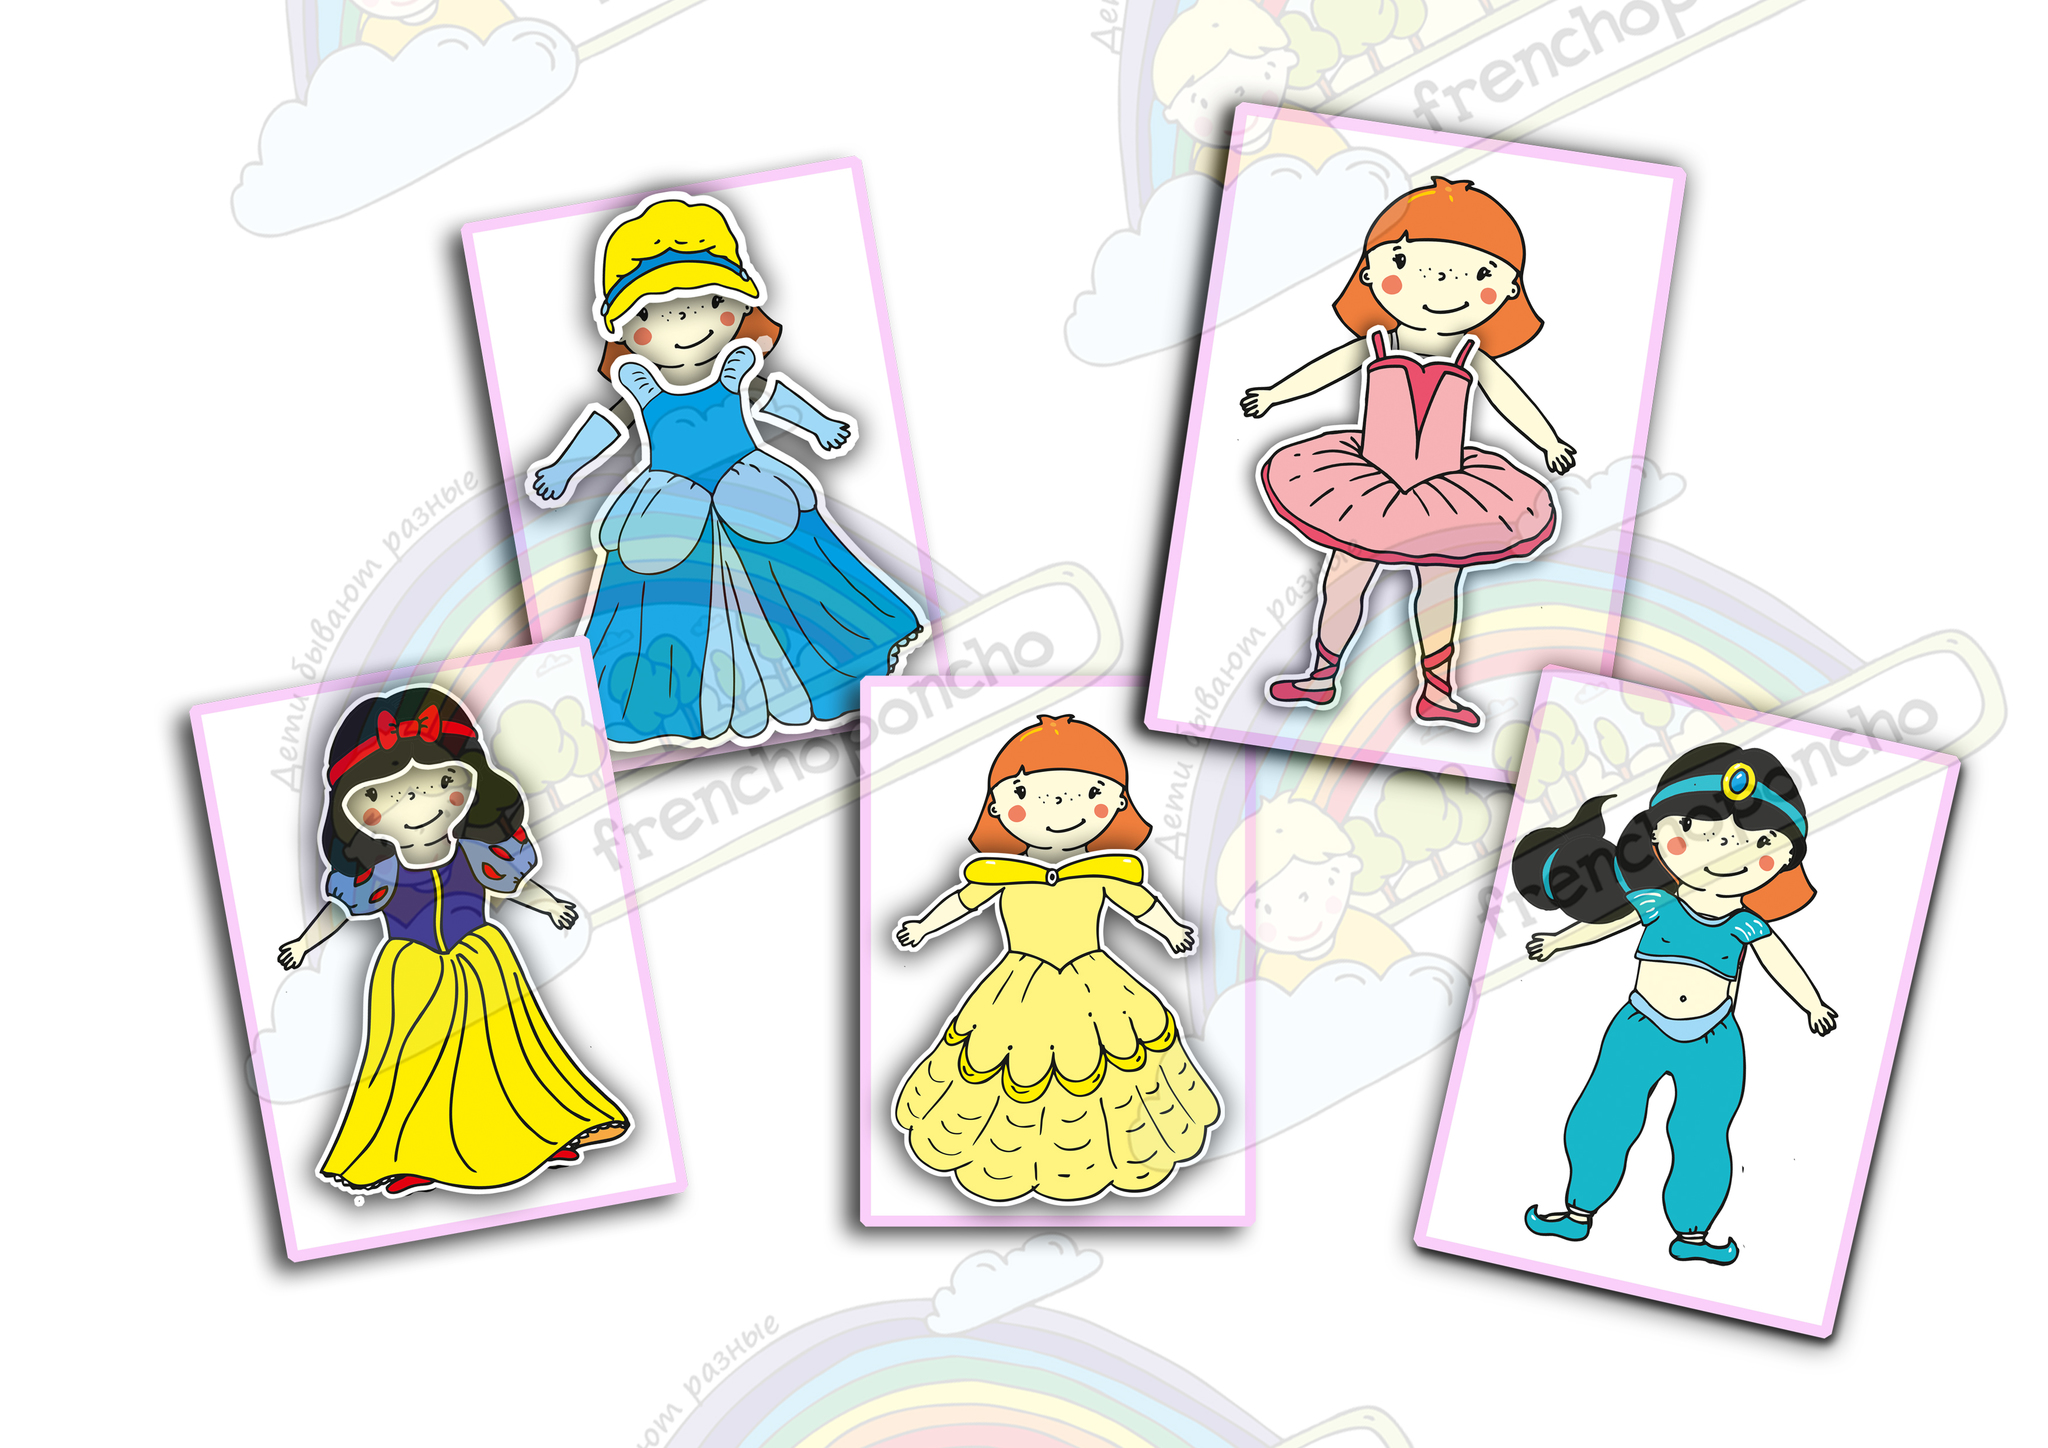 """Дополнительный набор одежды """"Наряды принцессы"""" для игры """"Оля"""". Развивающие пособия на липучках Frenchoponcho (Френчопончо)"""